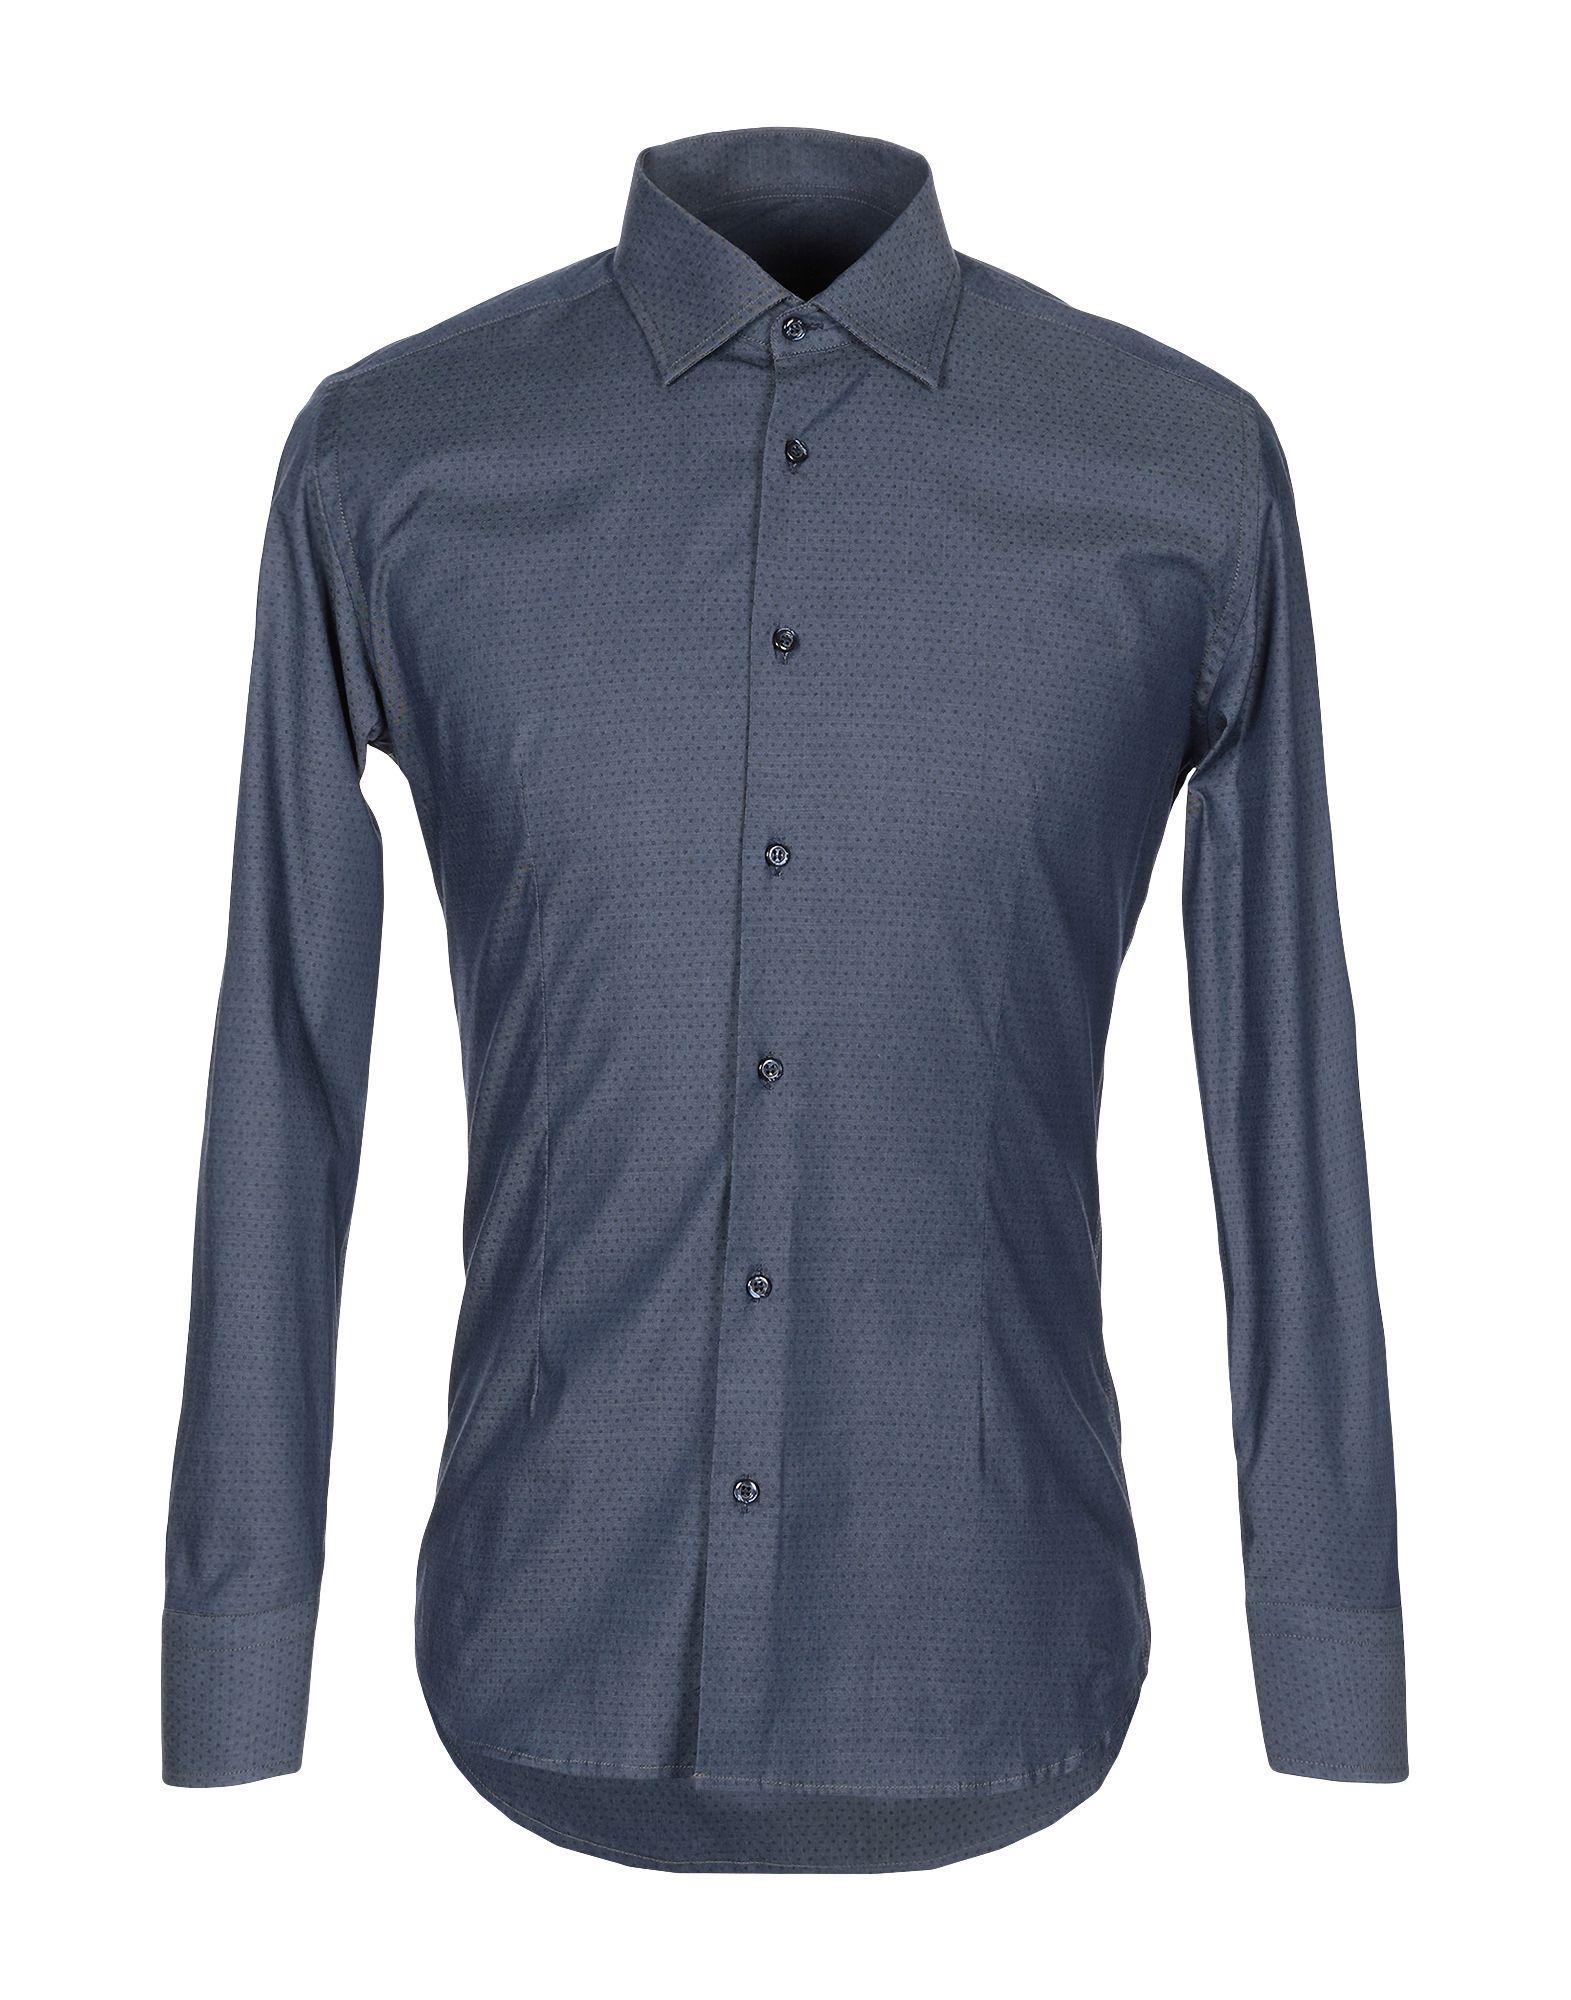 《送料無料》EREDI DEL DUCA メンズ シャツ ダークブルー S コットン 97% / ポリウレタン 3%